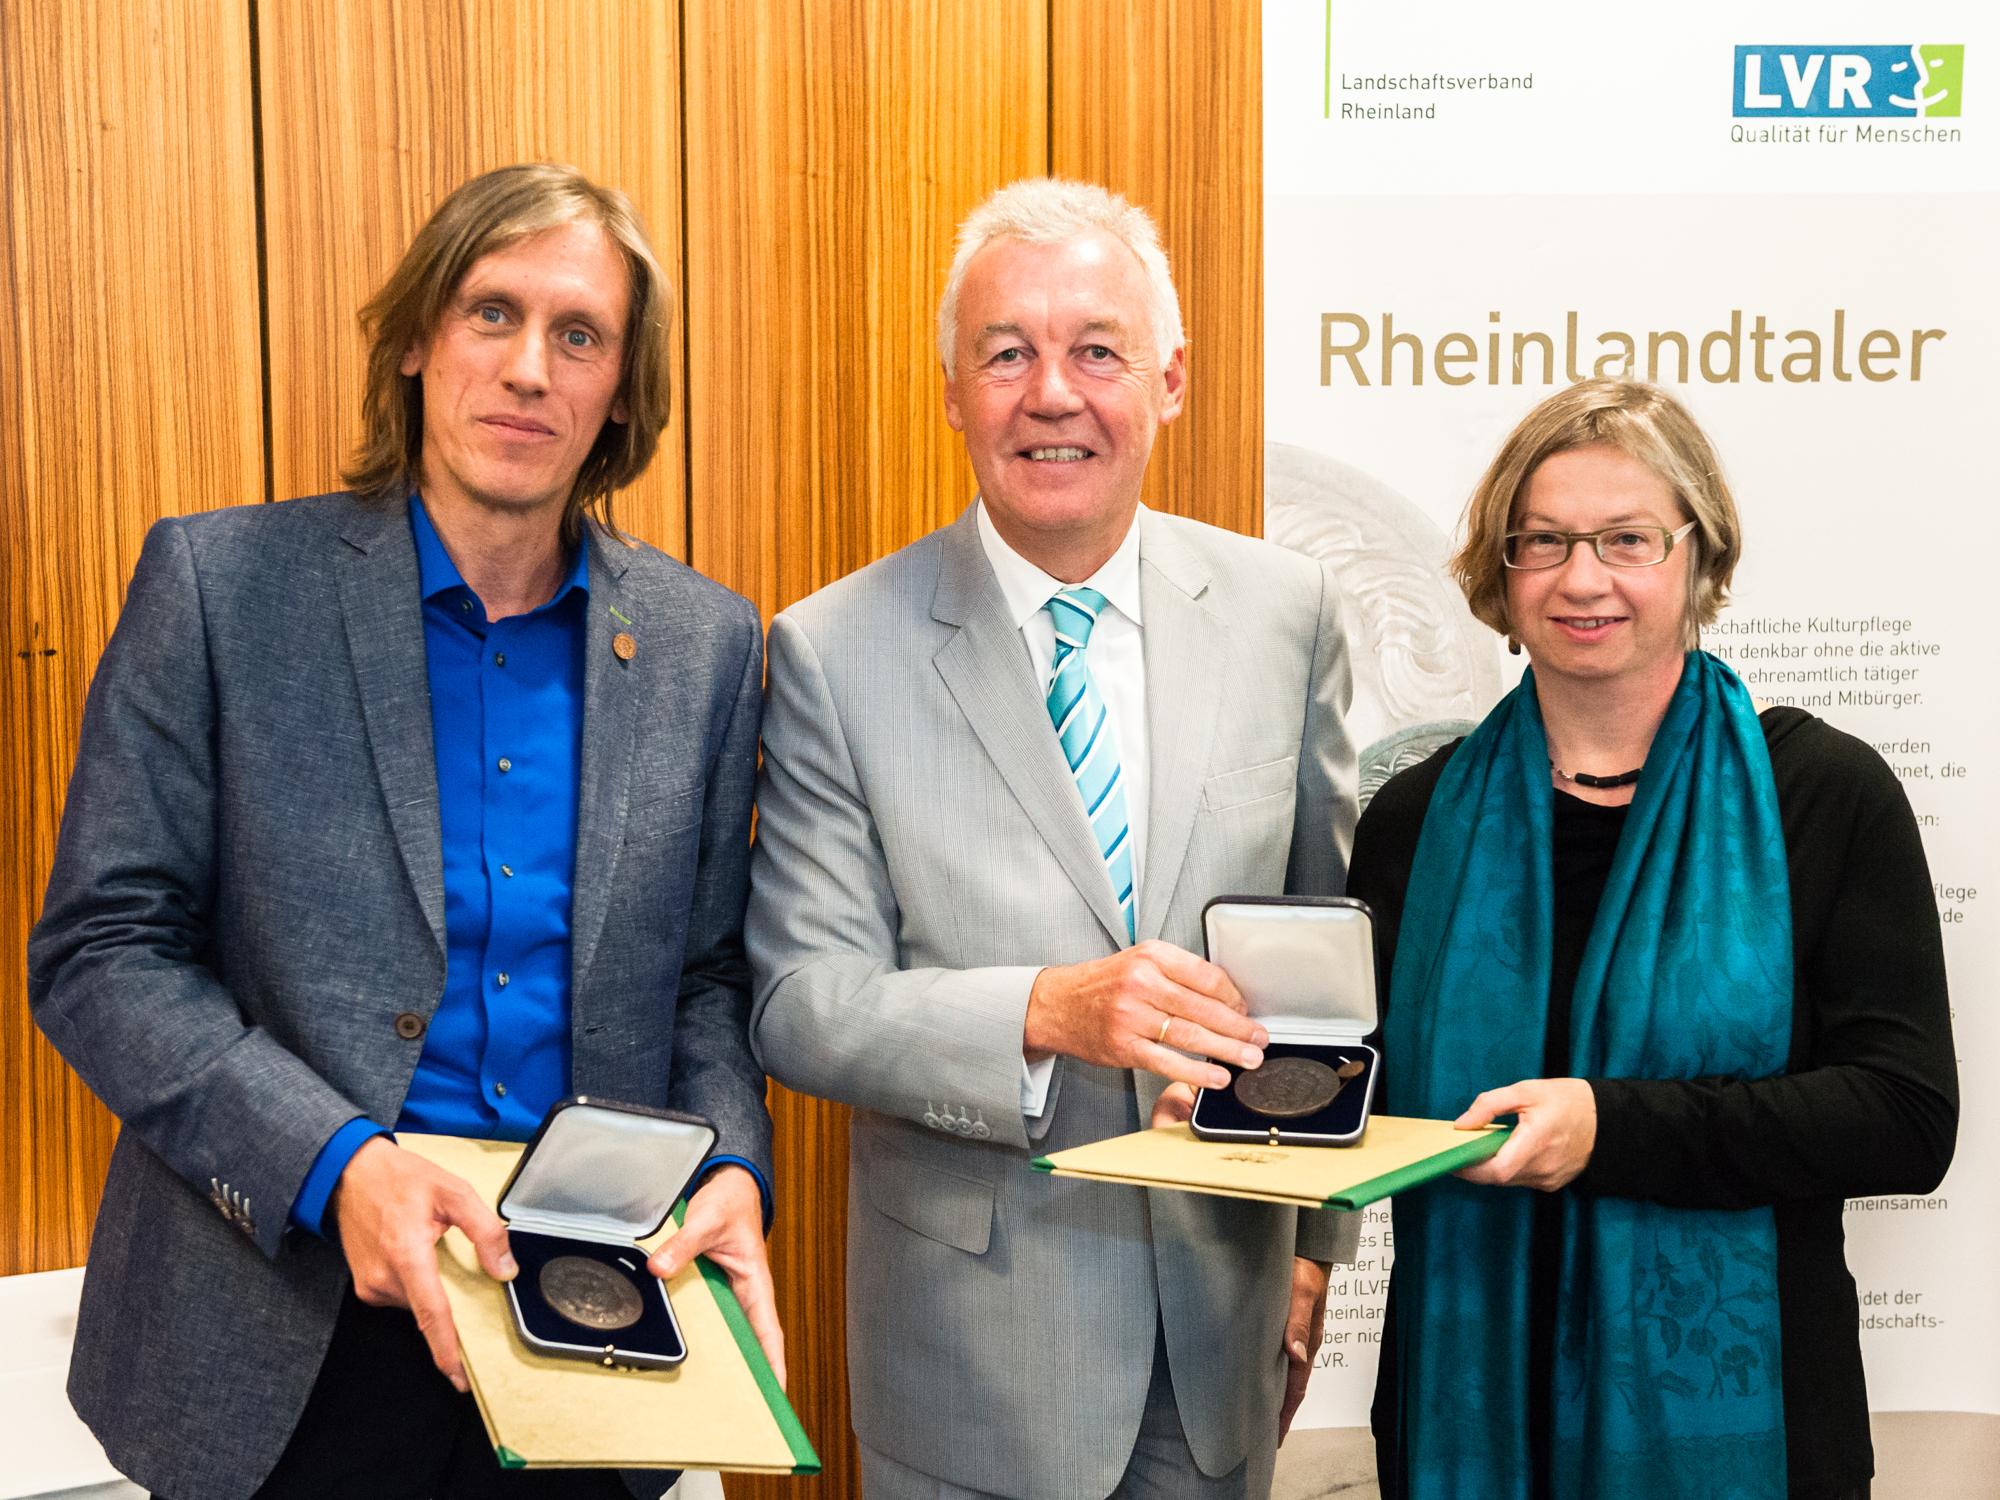 Verleihung des Rheinlandtalers an Dr. Ursula Reuter und Adrian Stellmacher